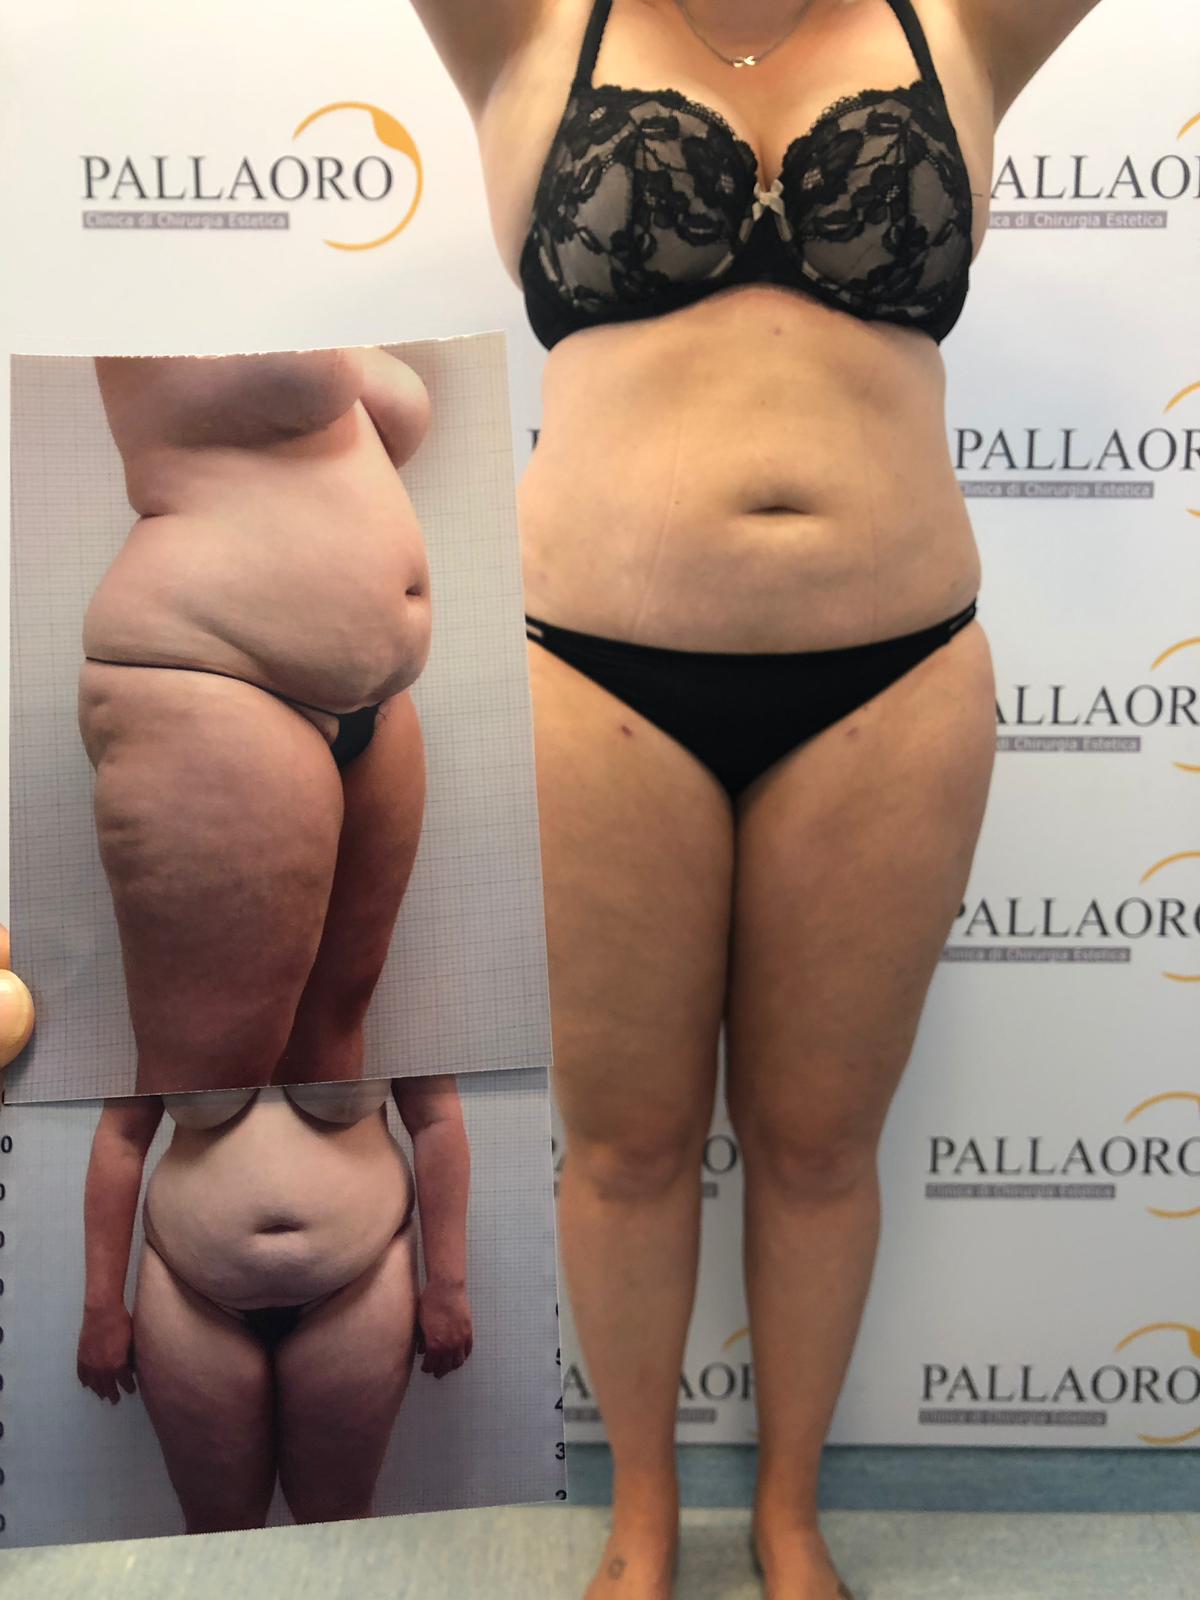 alexandre milosevic pallaoro liposuzione addominoplastica prima dopo